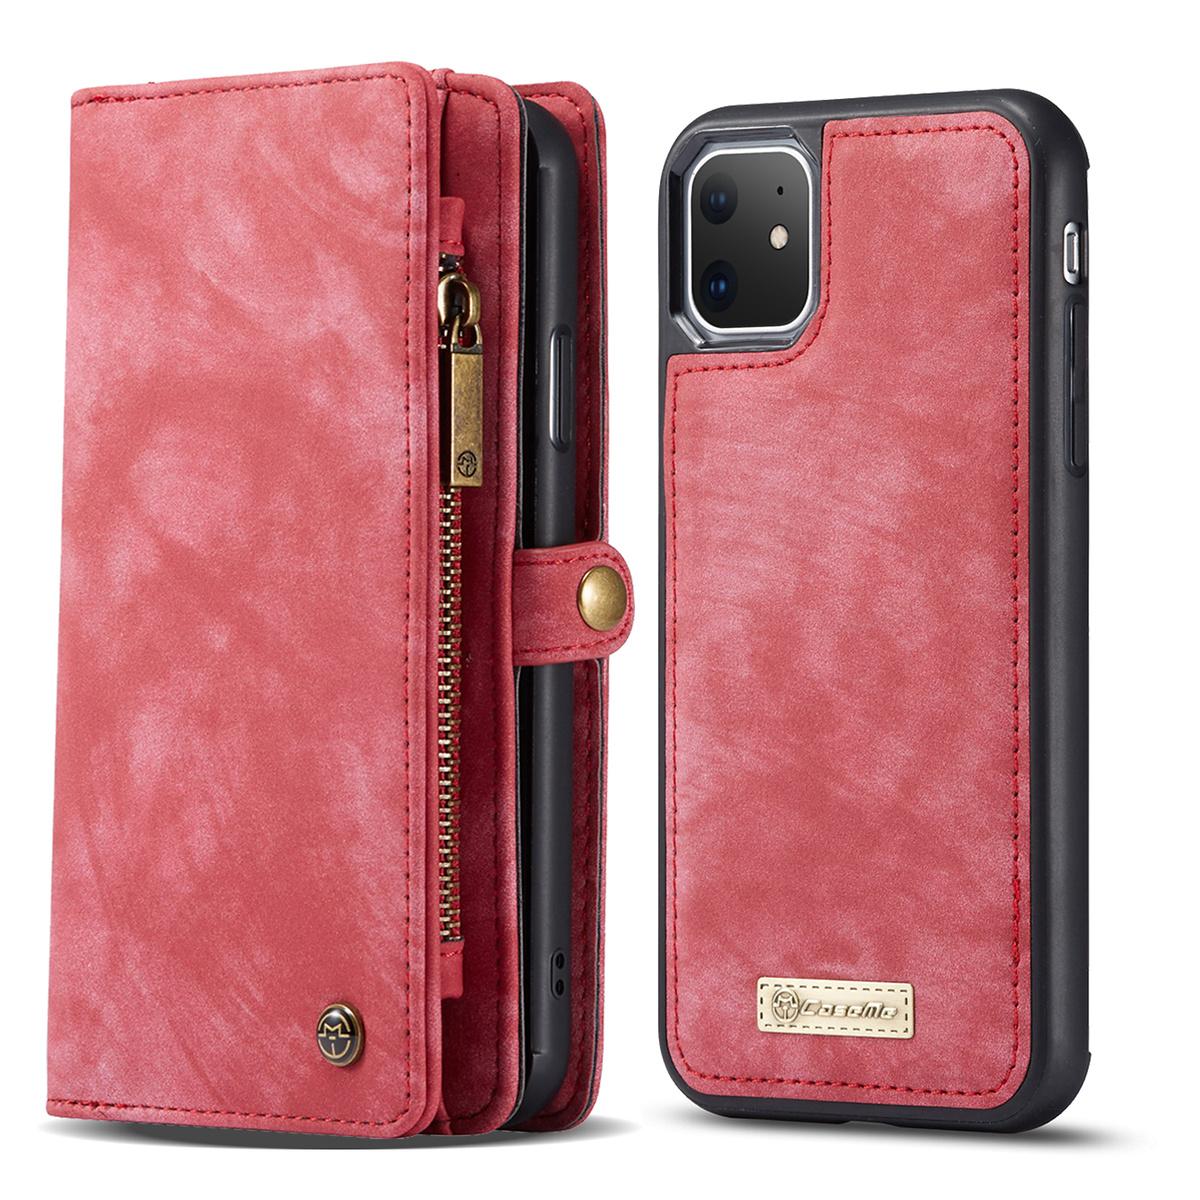 CaseMe plånboksfodral med magnetskal, iPhone 11, röd